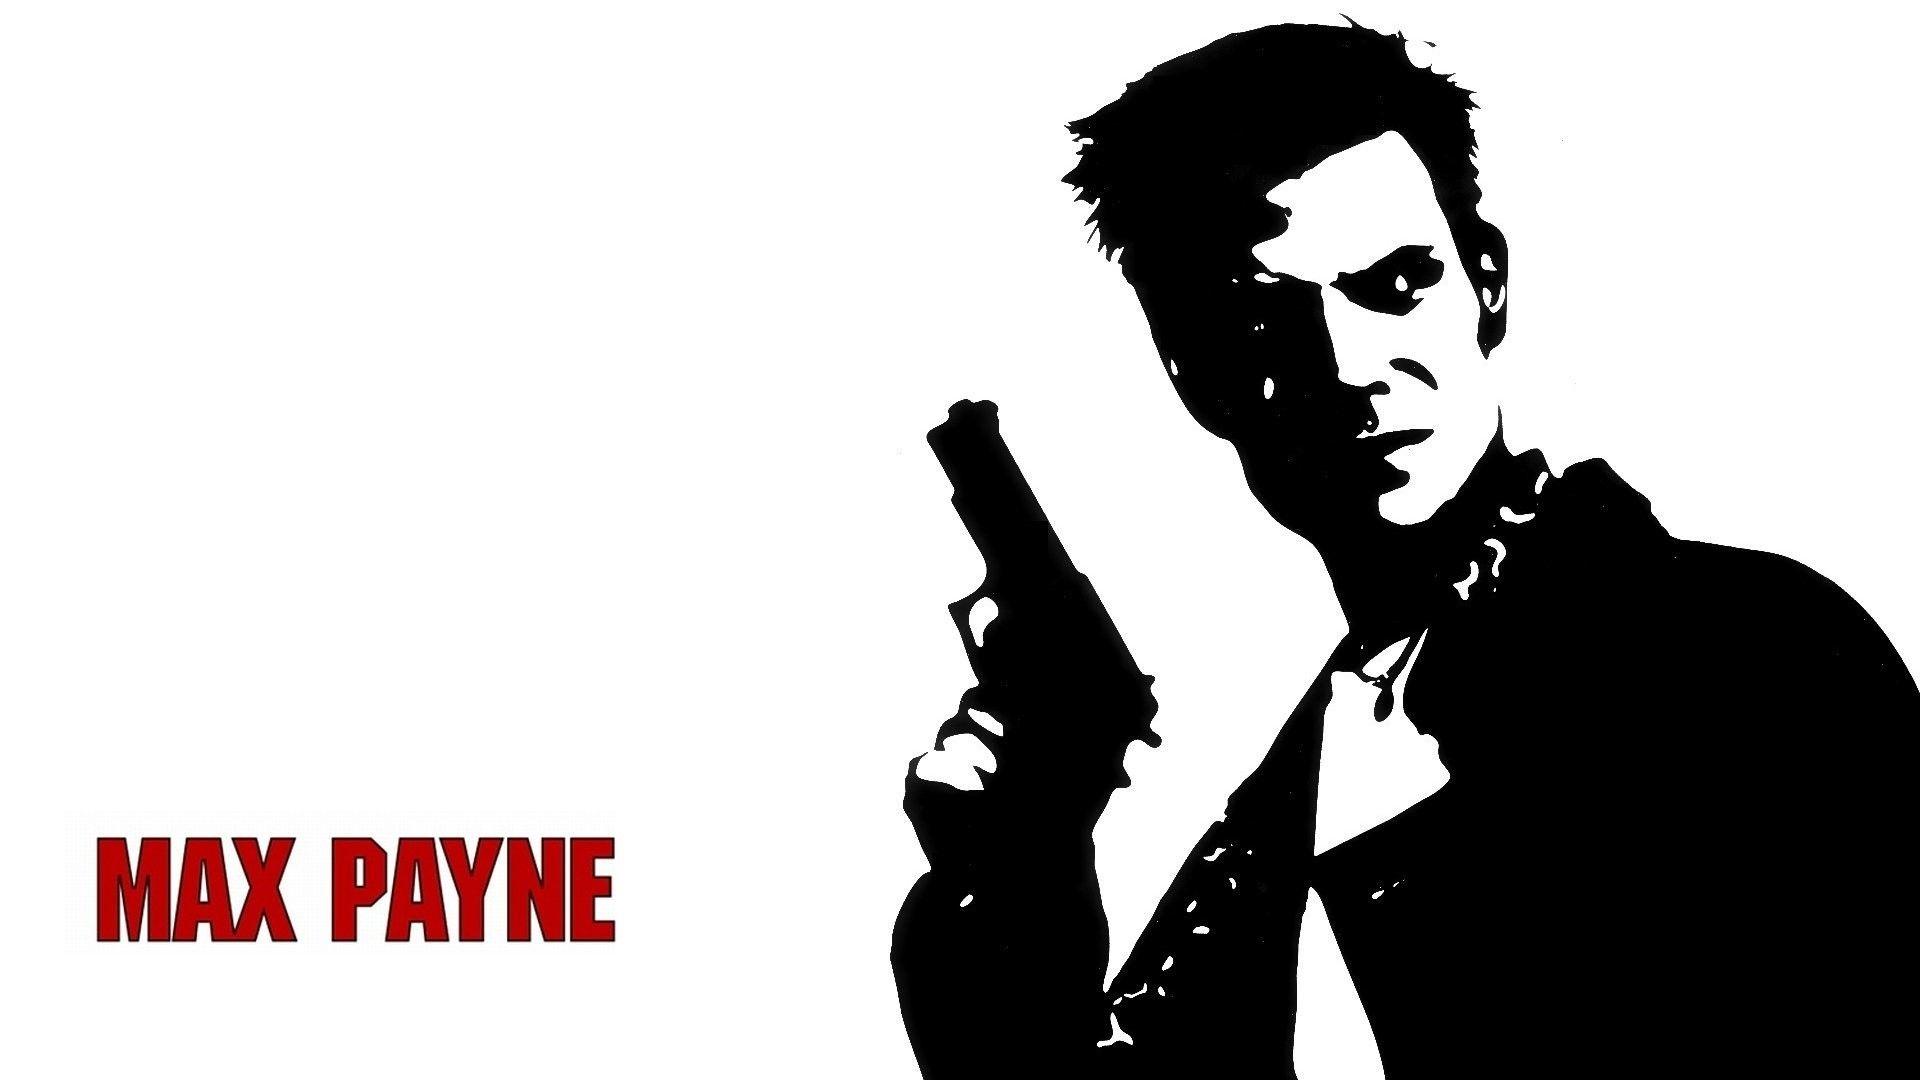 تاریخچه بازیها؛ مروری بر تاریخچه بازی Max Payne